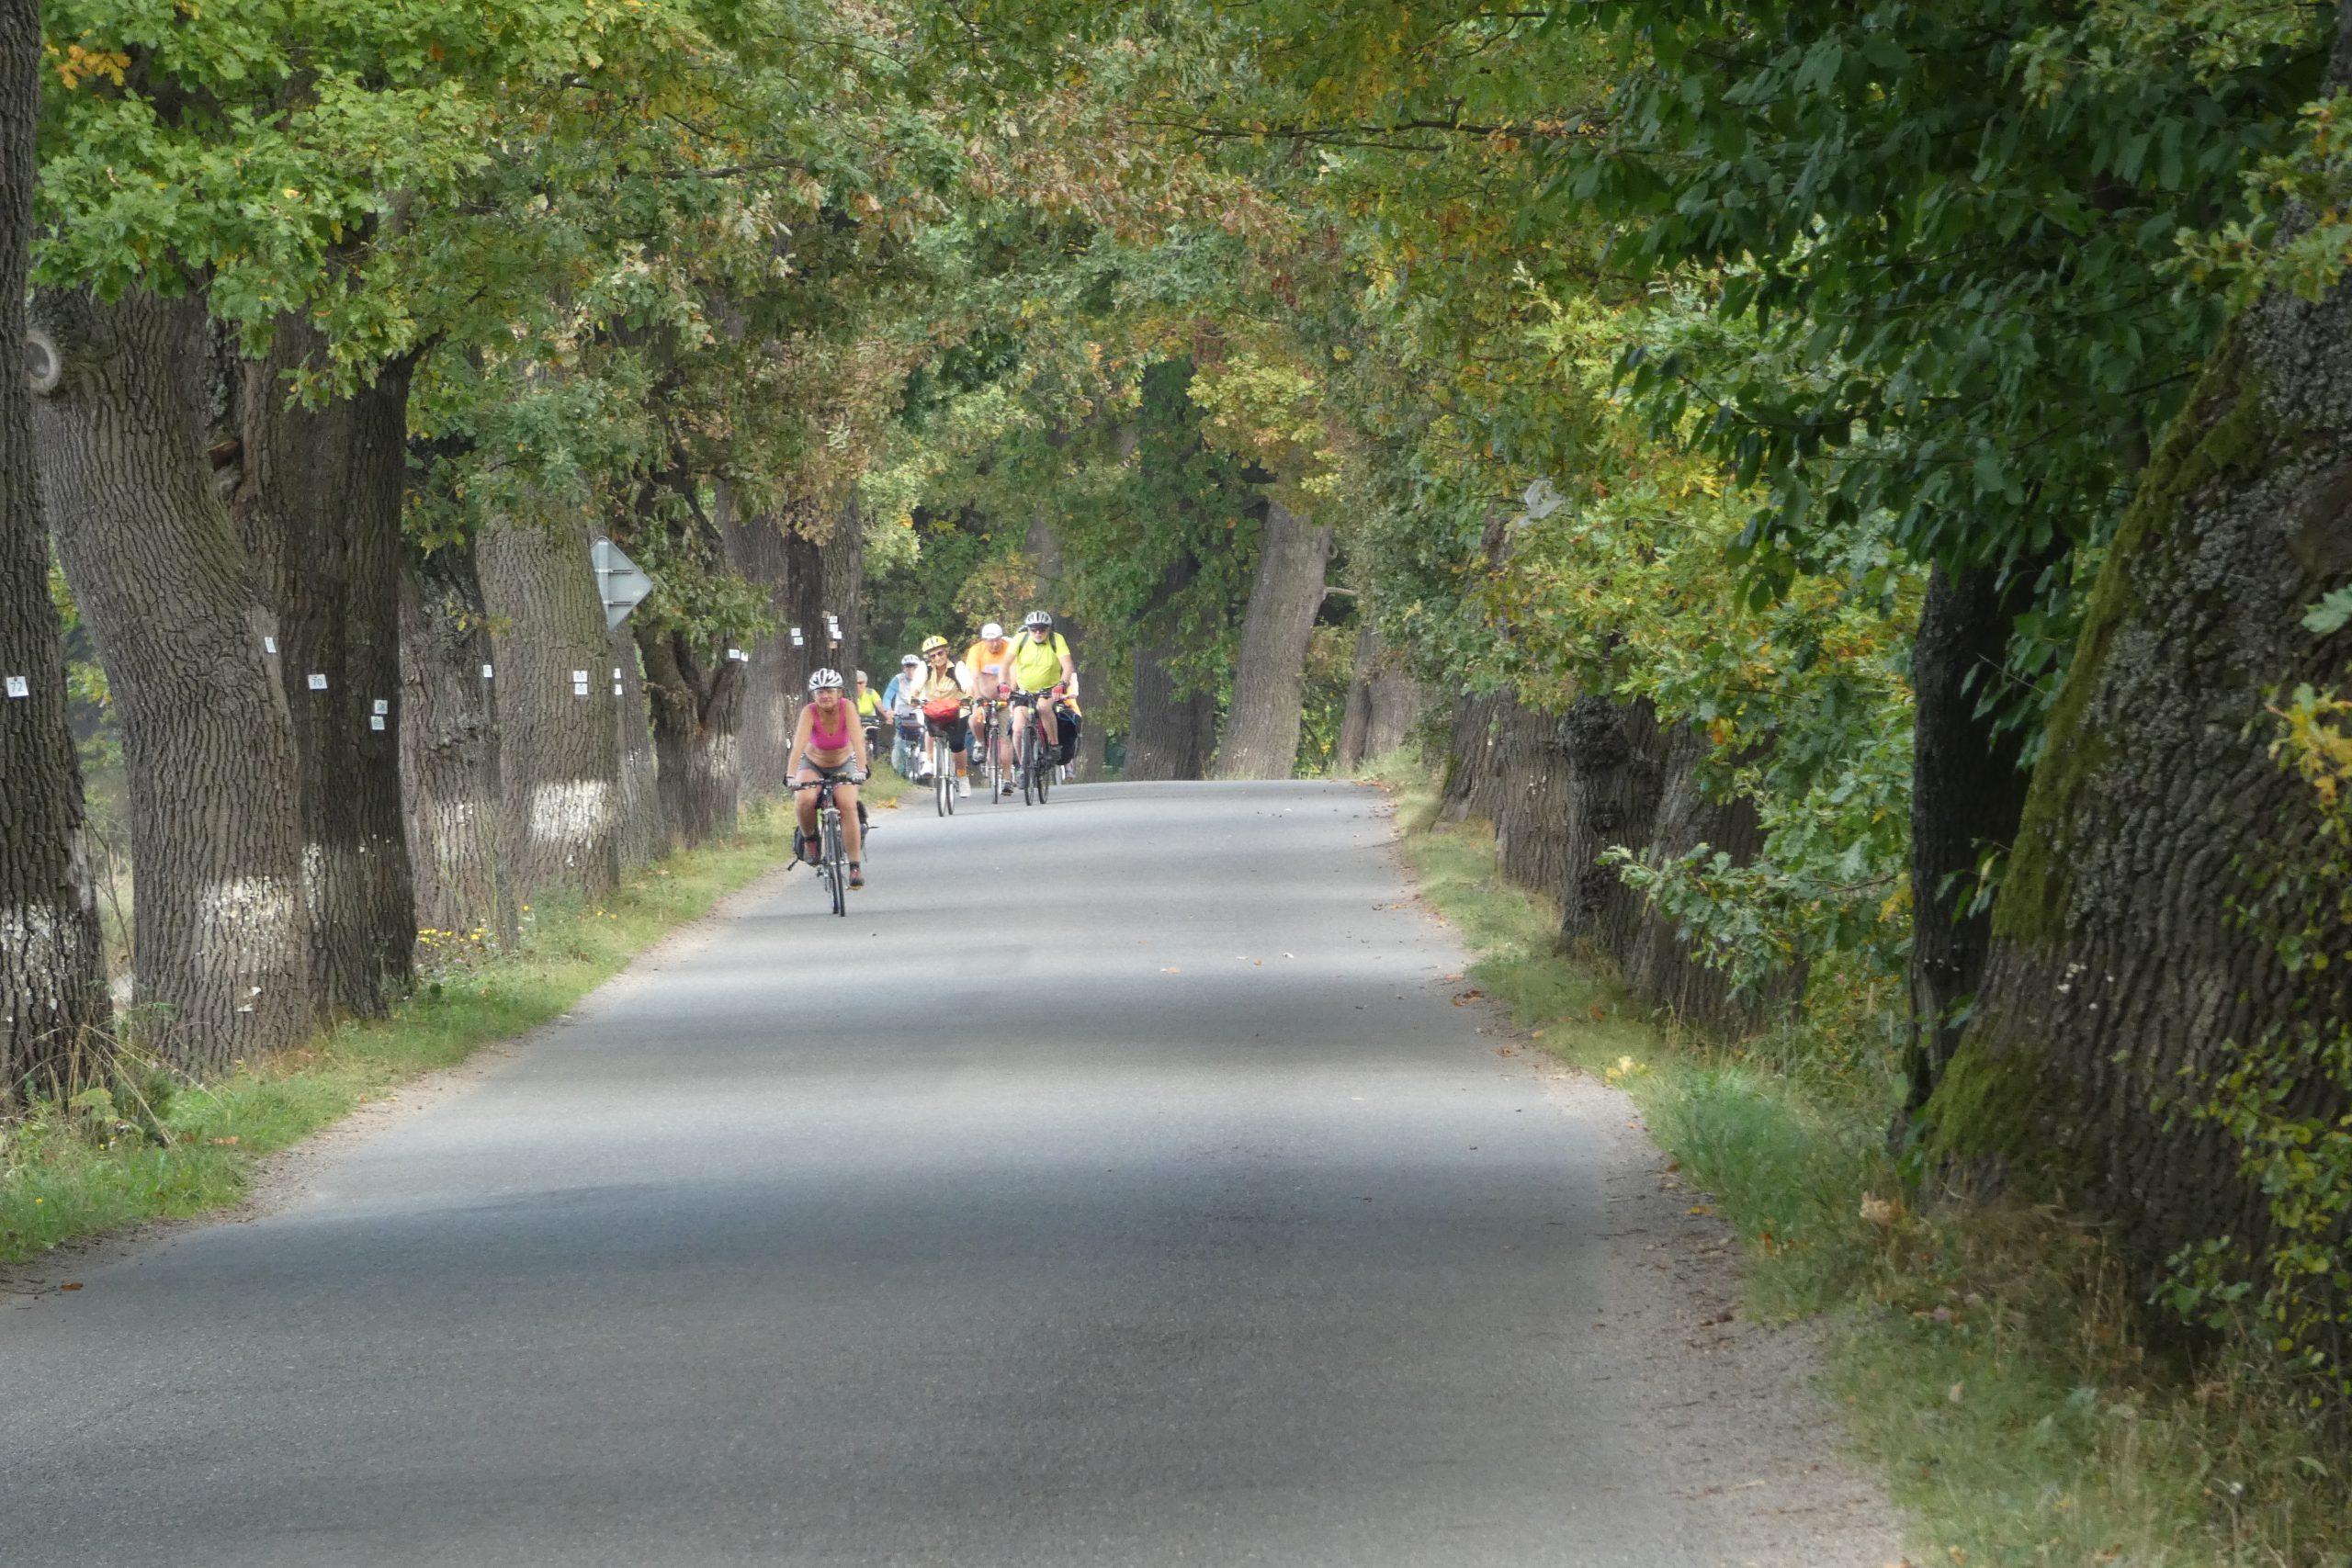 Radtour vo vorne unter Eichenallee